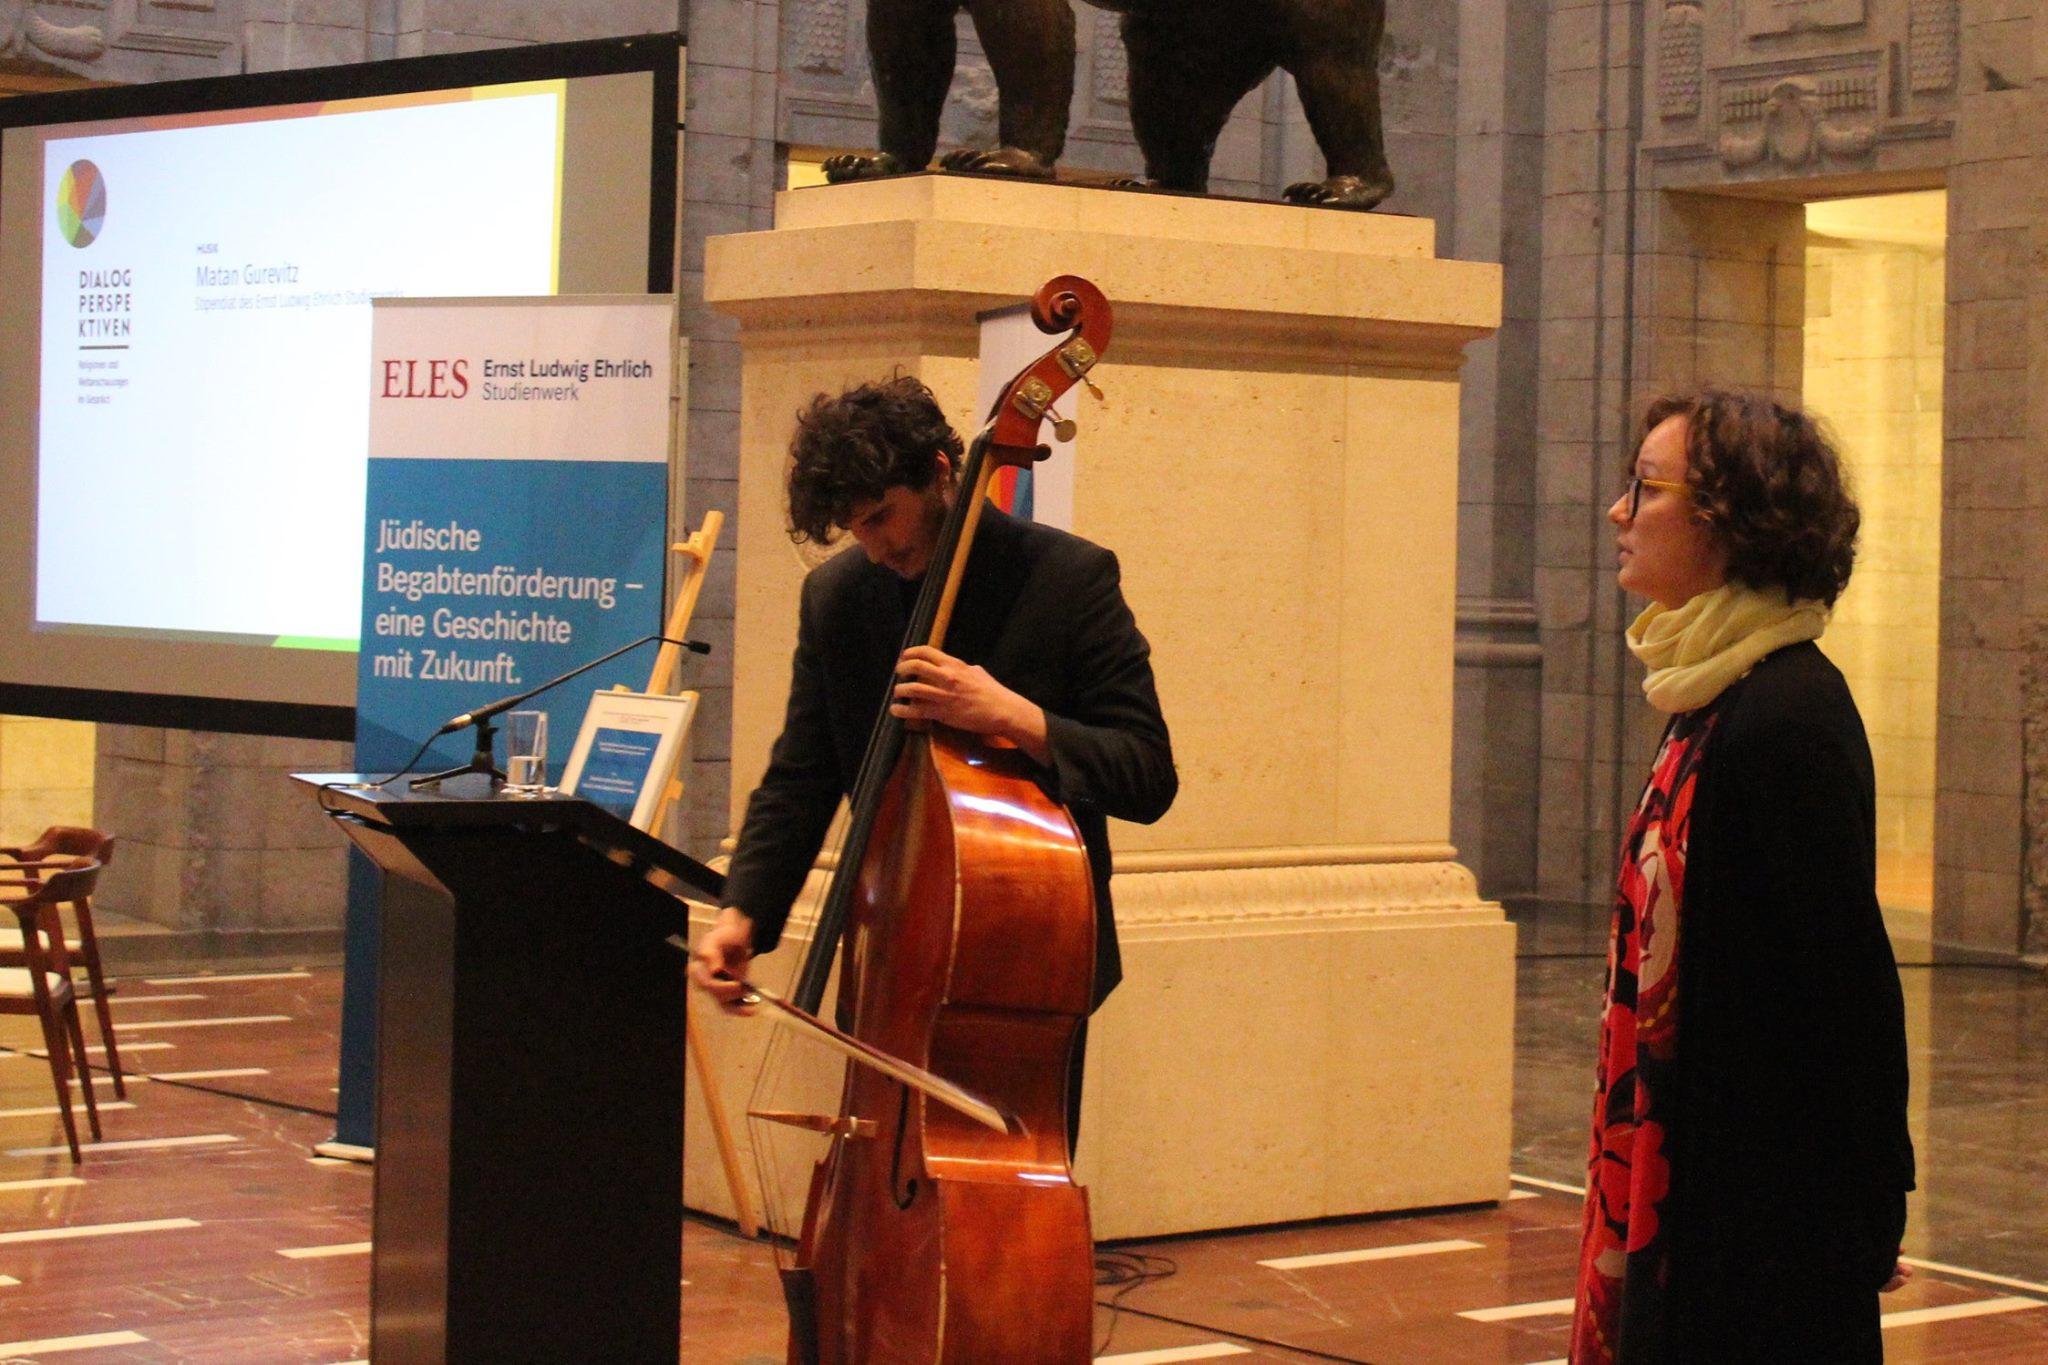 Dialogperspektiven-Auftakt: Musik - 'Matan und Gurevitz'. Bild: Jonas Fegert